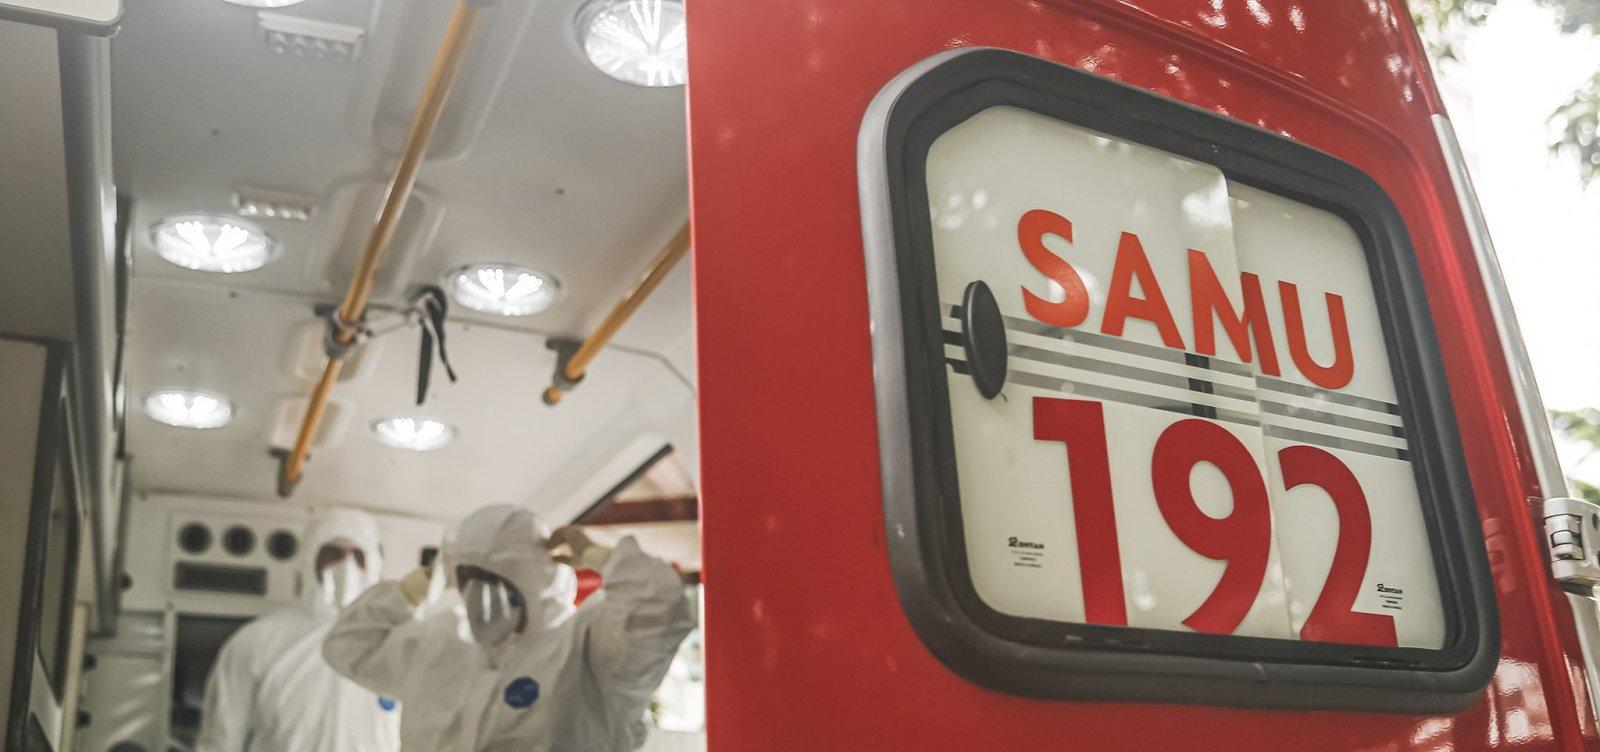 Pane suspende ligações do Samu e ocorrências são registradas no 190